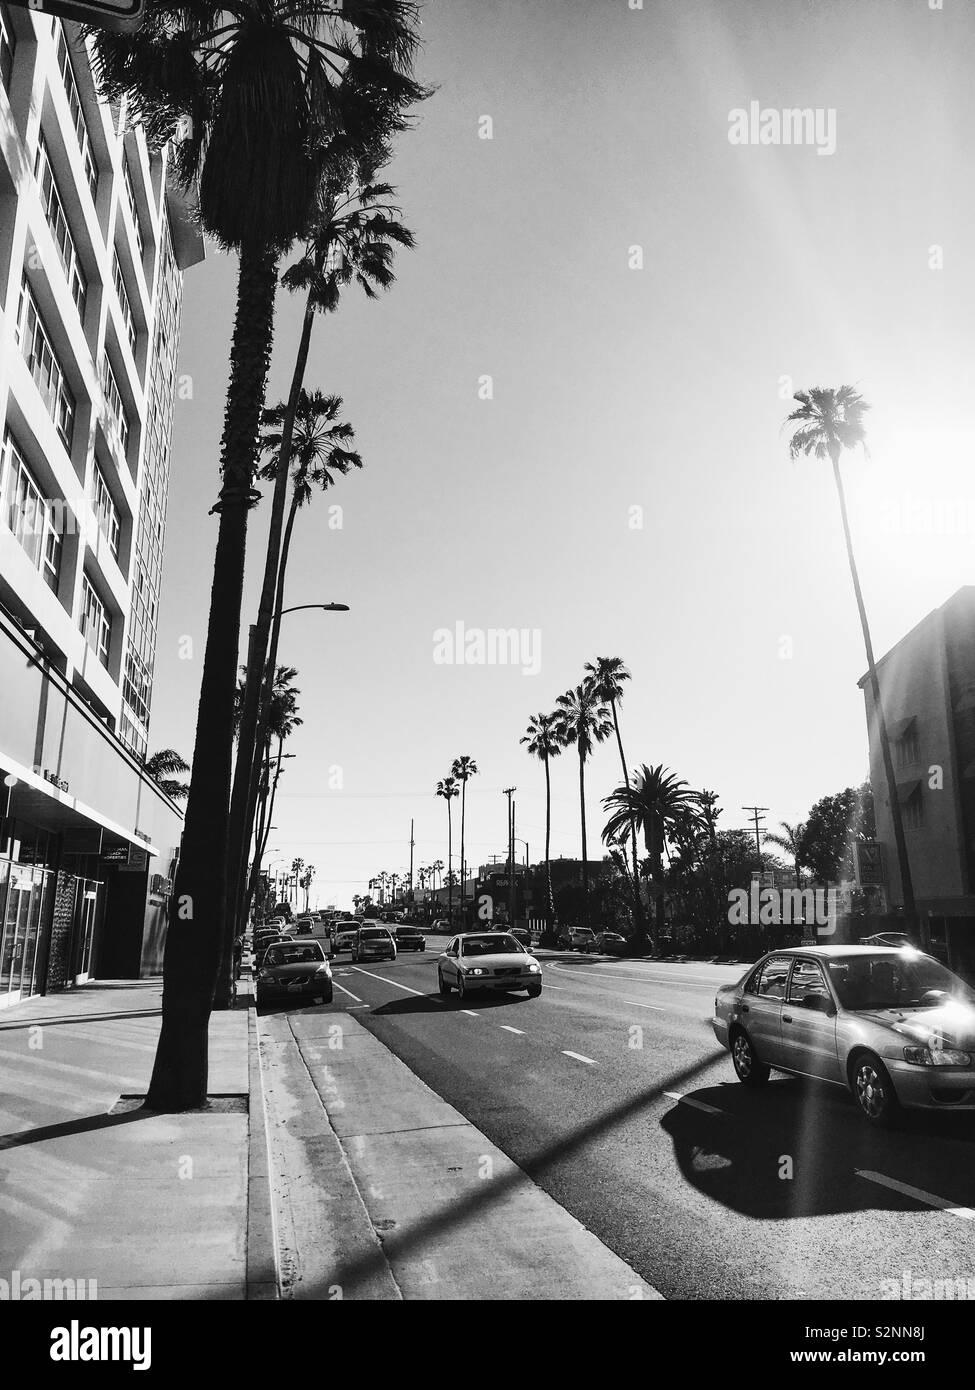 Schwarz & Weiß Blick auf die Straße. LA. Stockfoto